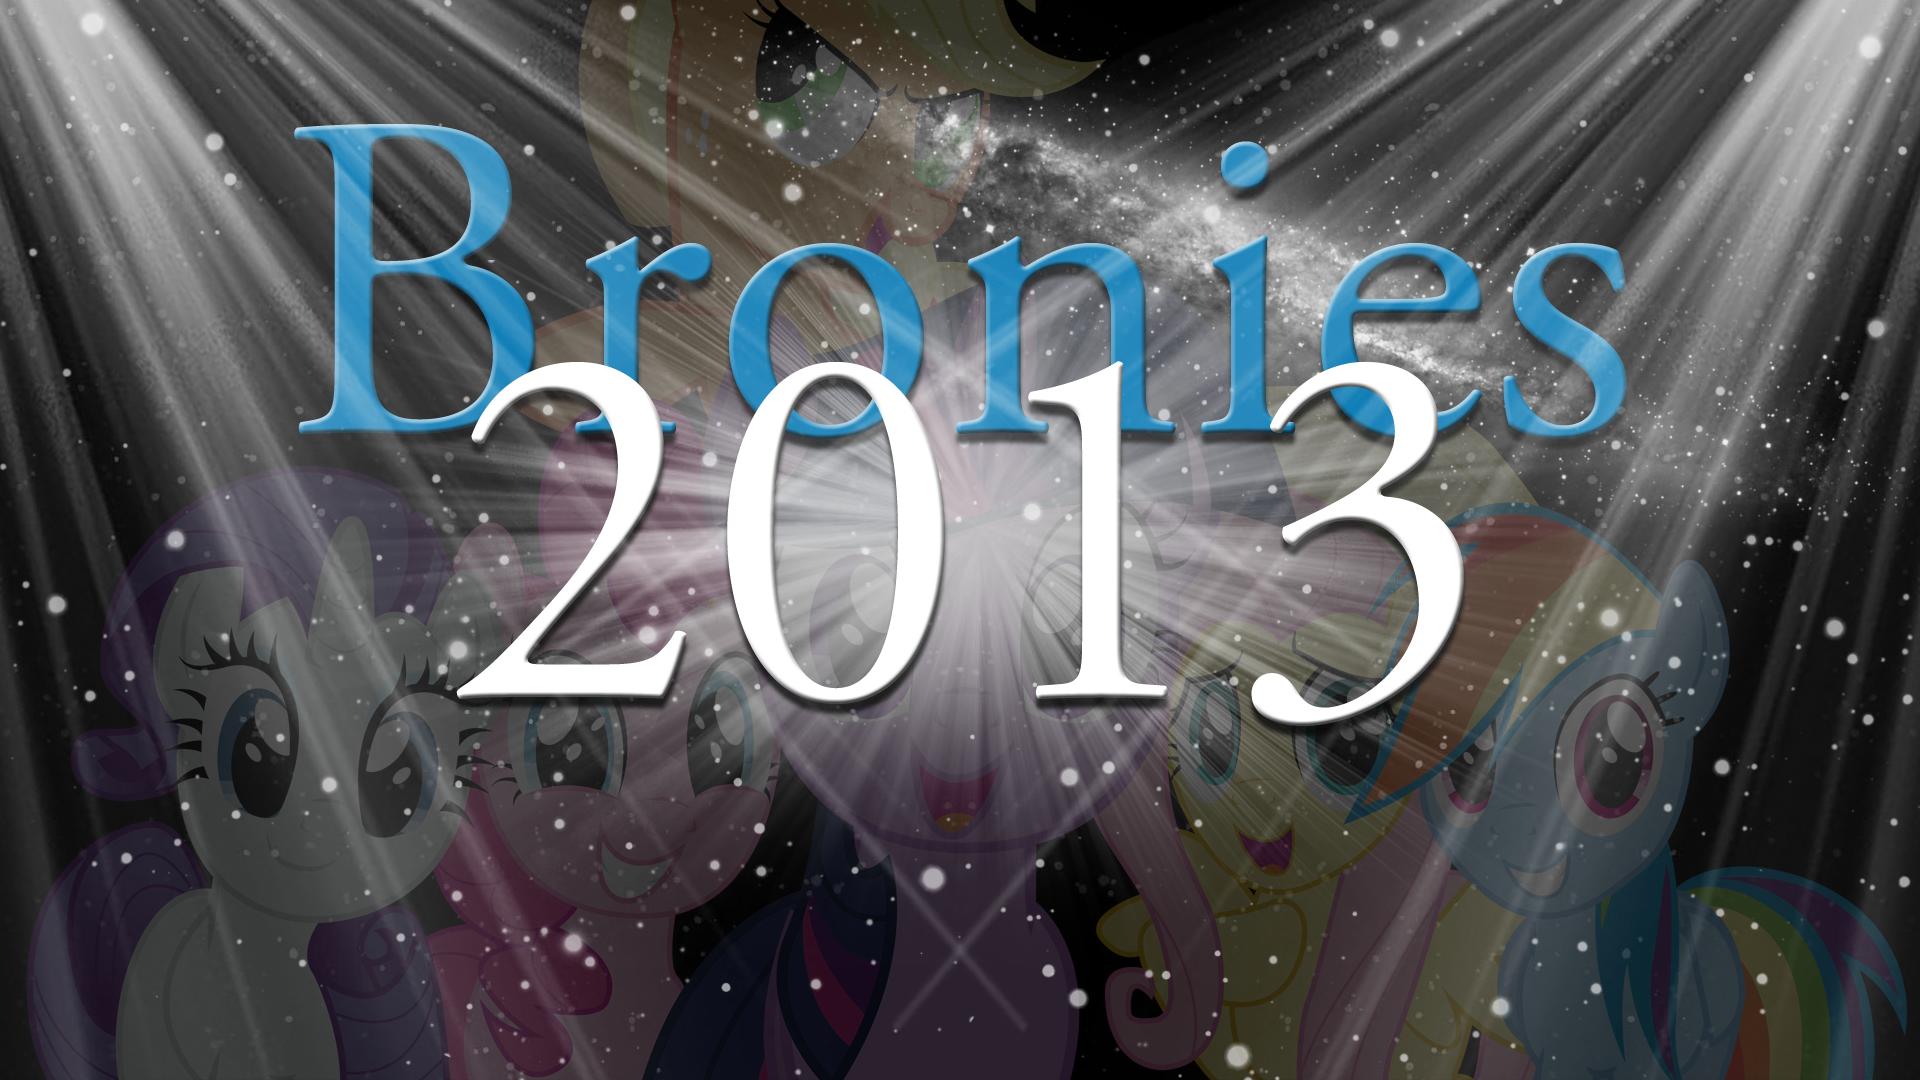 Bronies 2013 by Silentmatten